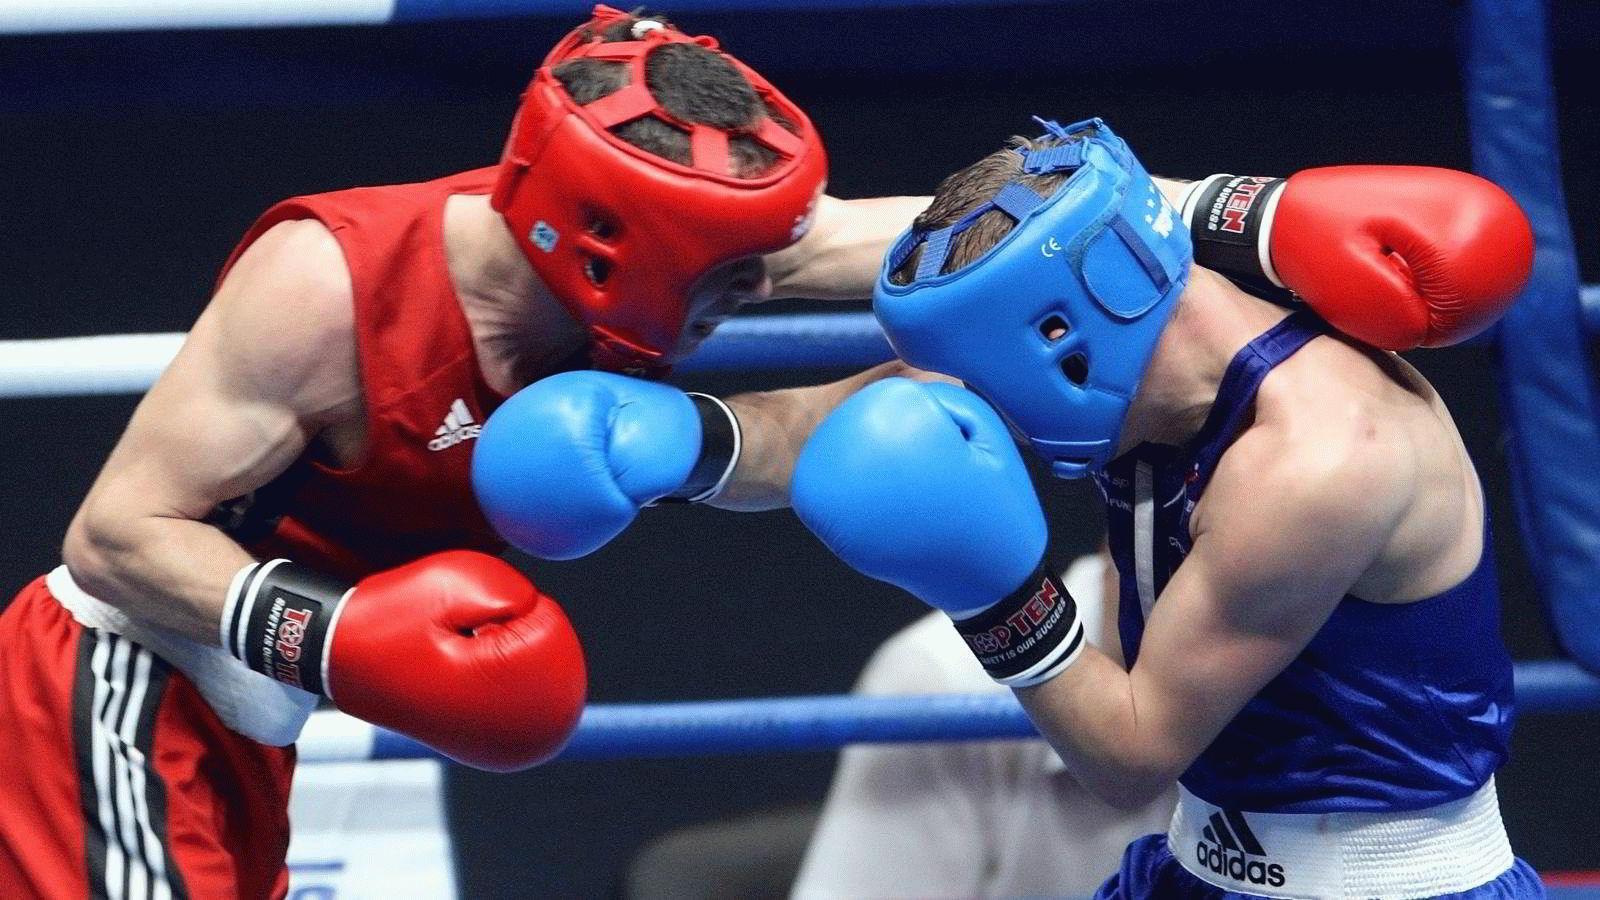 Рейтинг лучших боксерских шлемов для спарринга в 2020 году